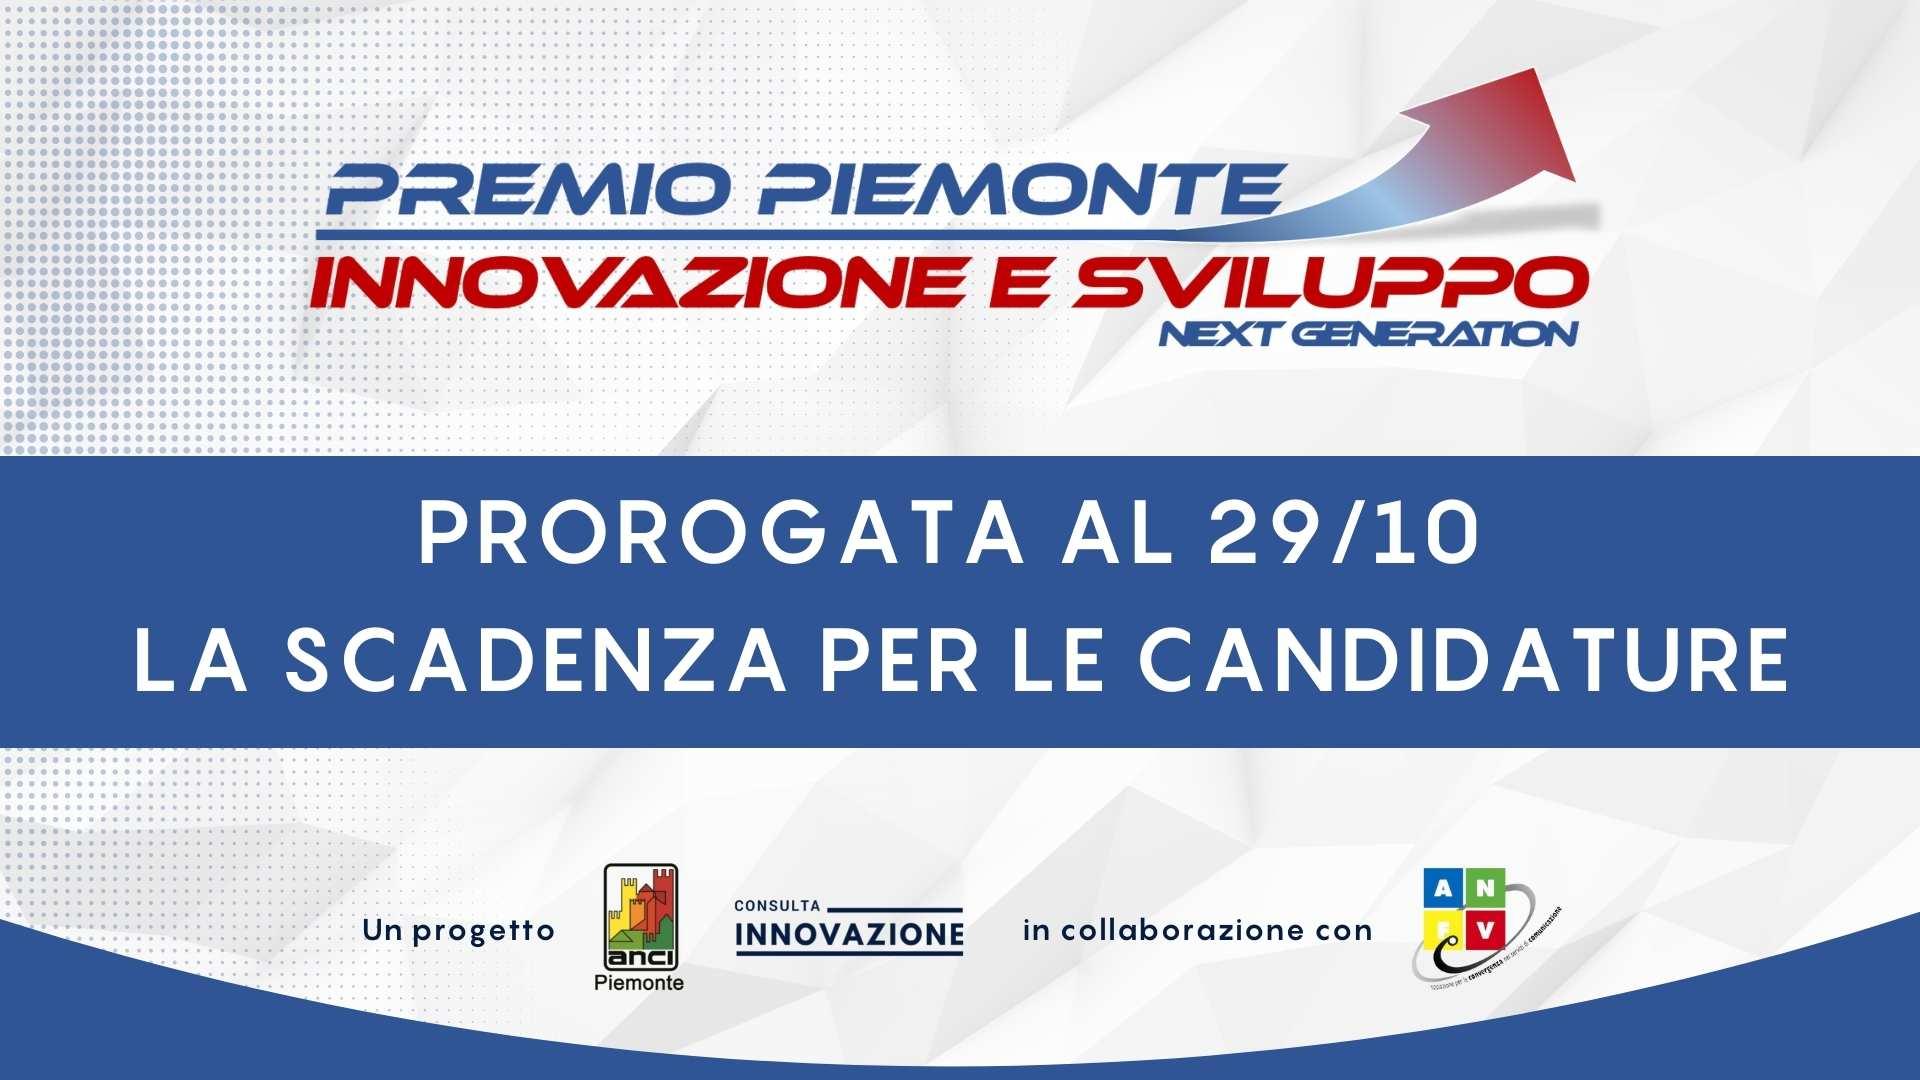 Proroga Piemonte Innovazione 2021